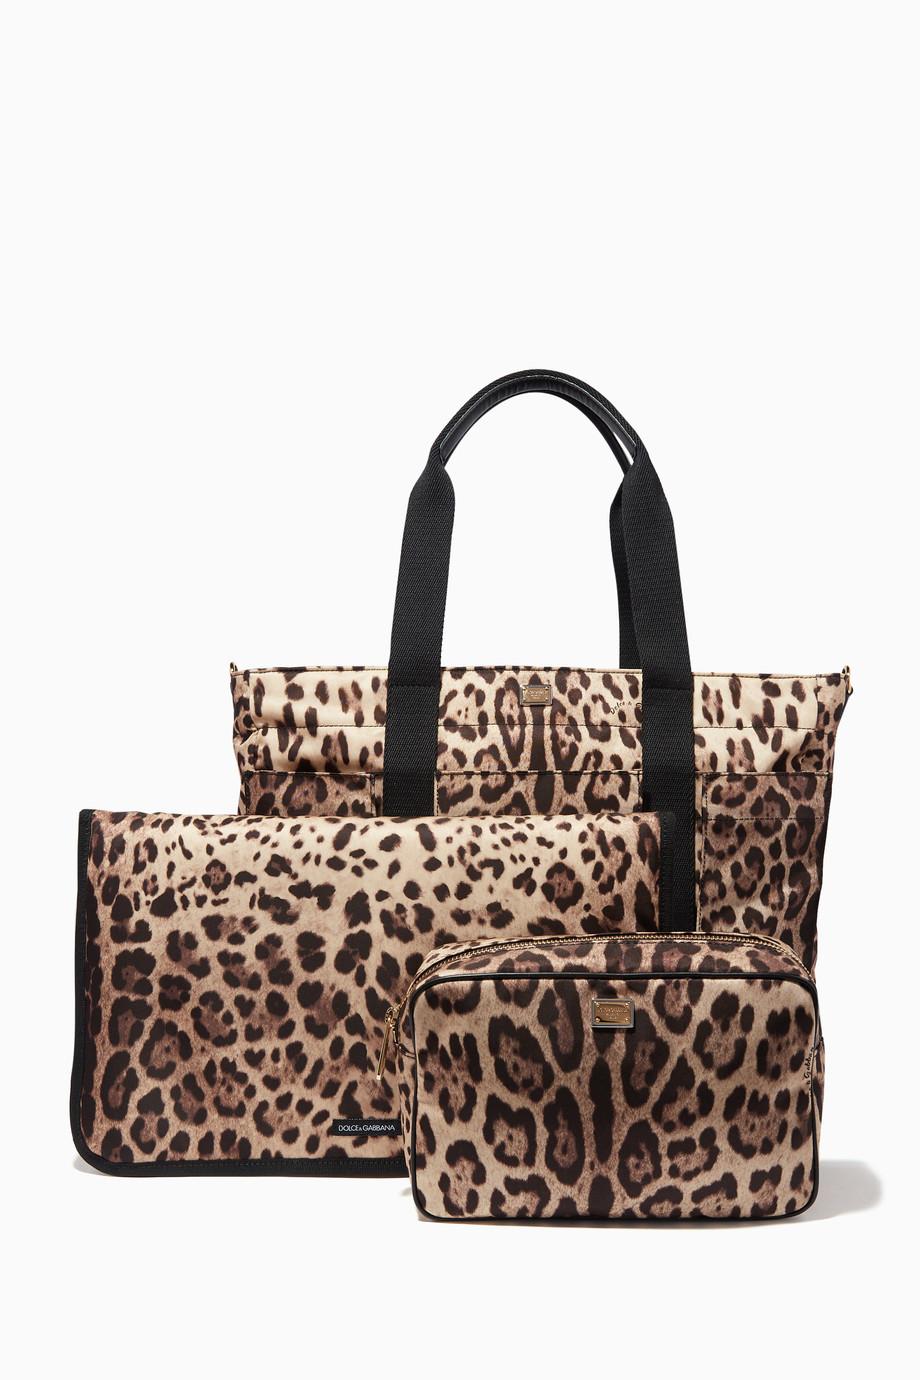 9c2416734 تسوق حقيبة للتغيير بنقشة جلد الفهد Dolce & Gabbana بنى للأطفال | اُناس